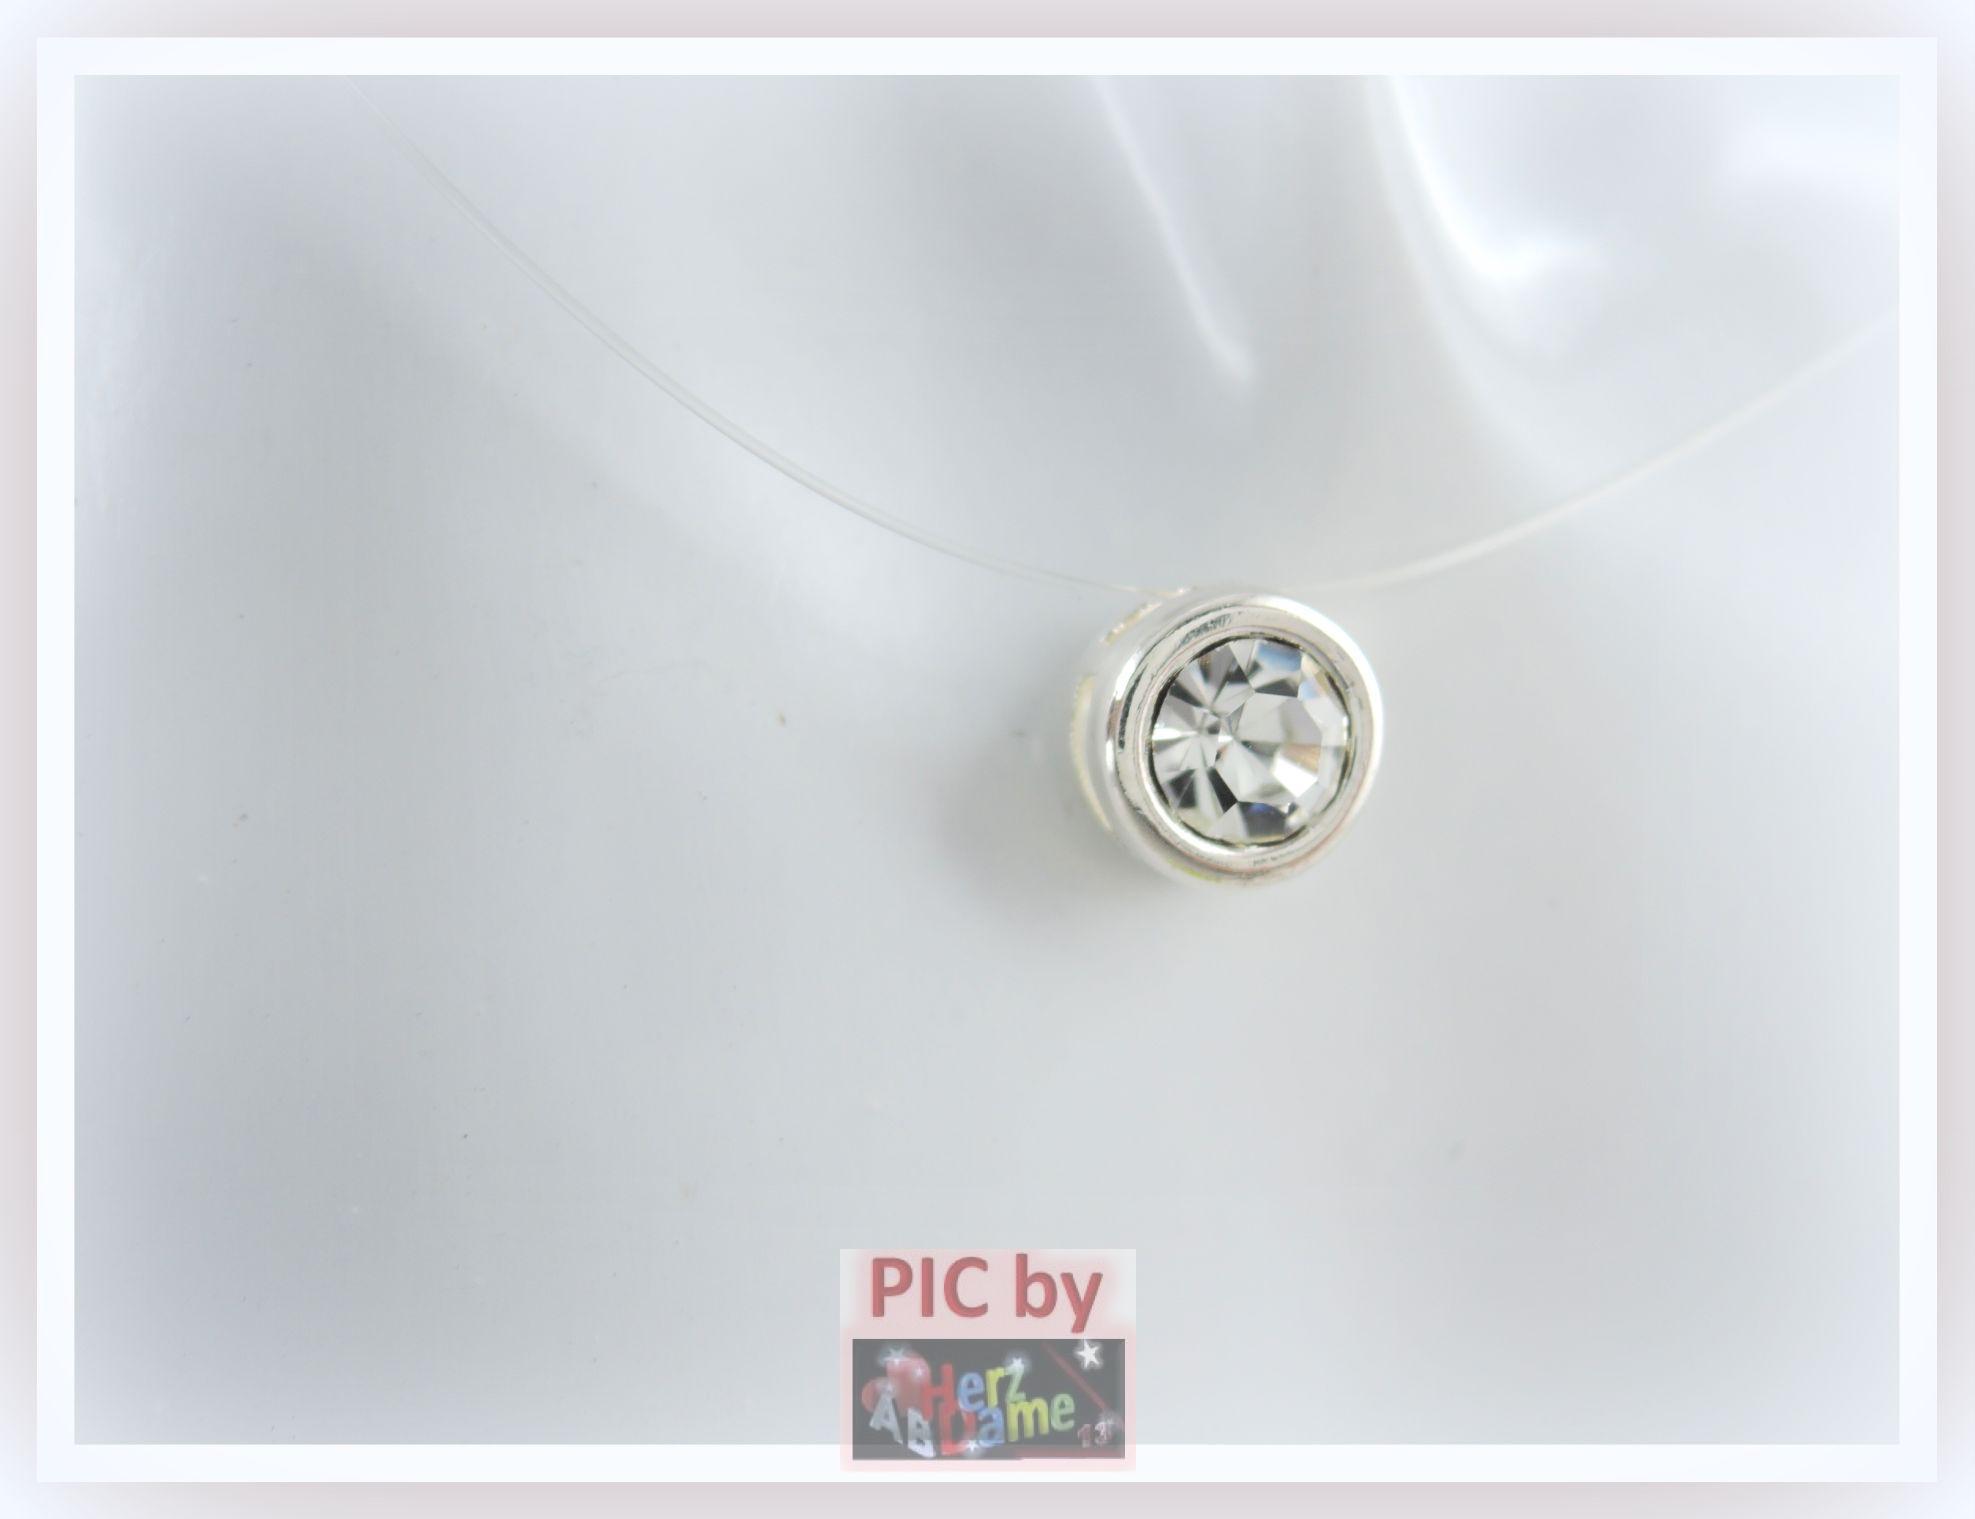 ab halskette nylonkette schwebender xl strass stein klar silber f 9 ebay. Black Bedroom Furniture Sets. Home Design Ideas